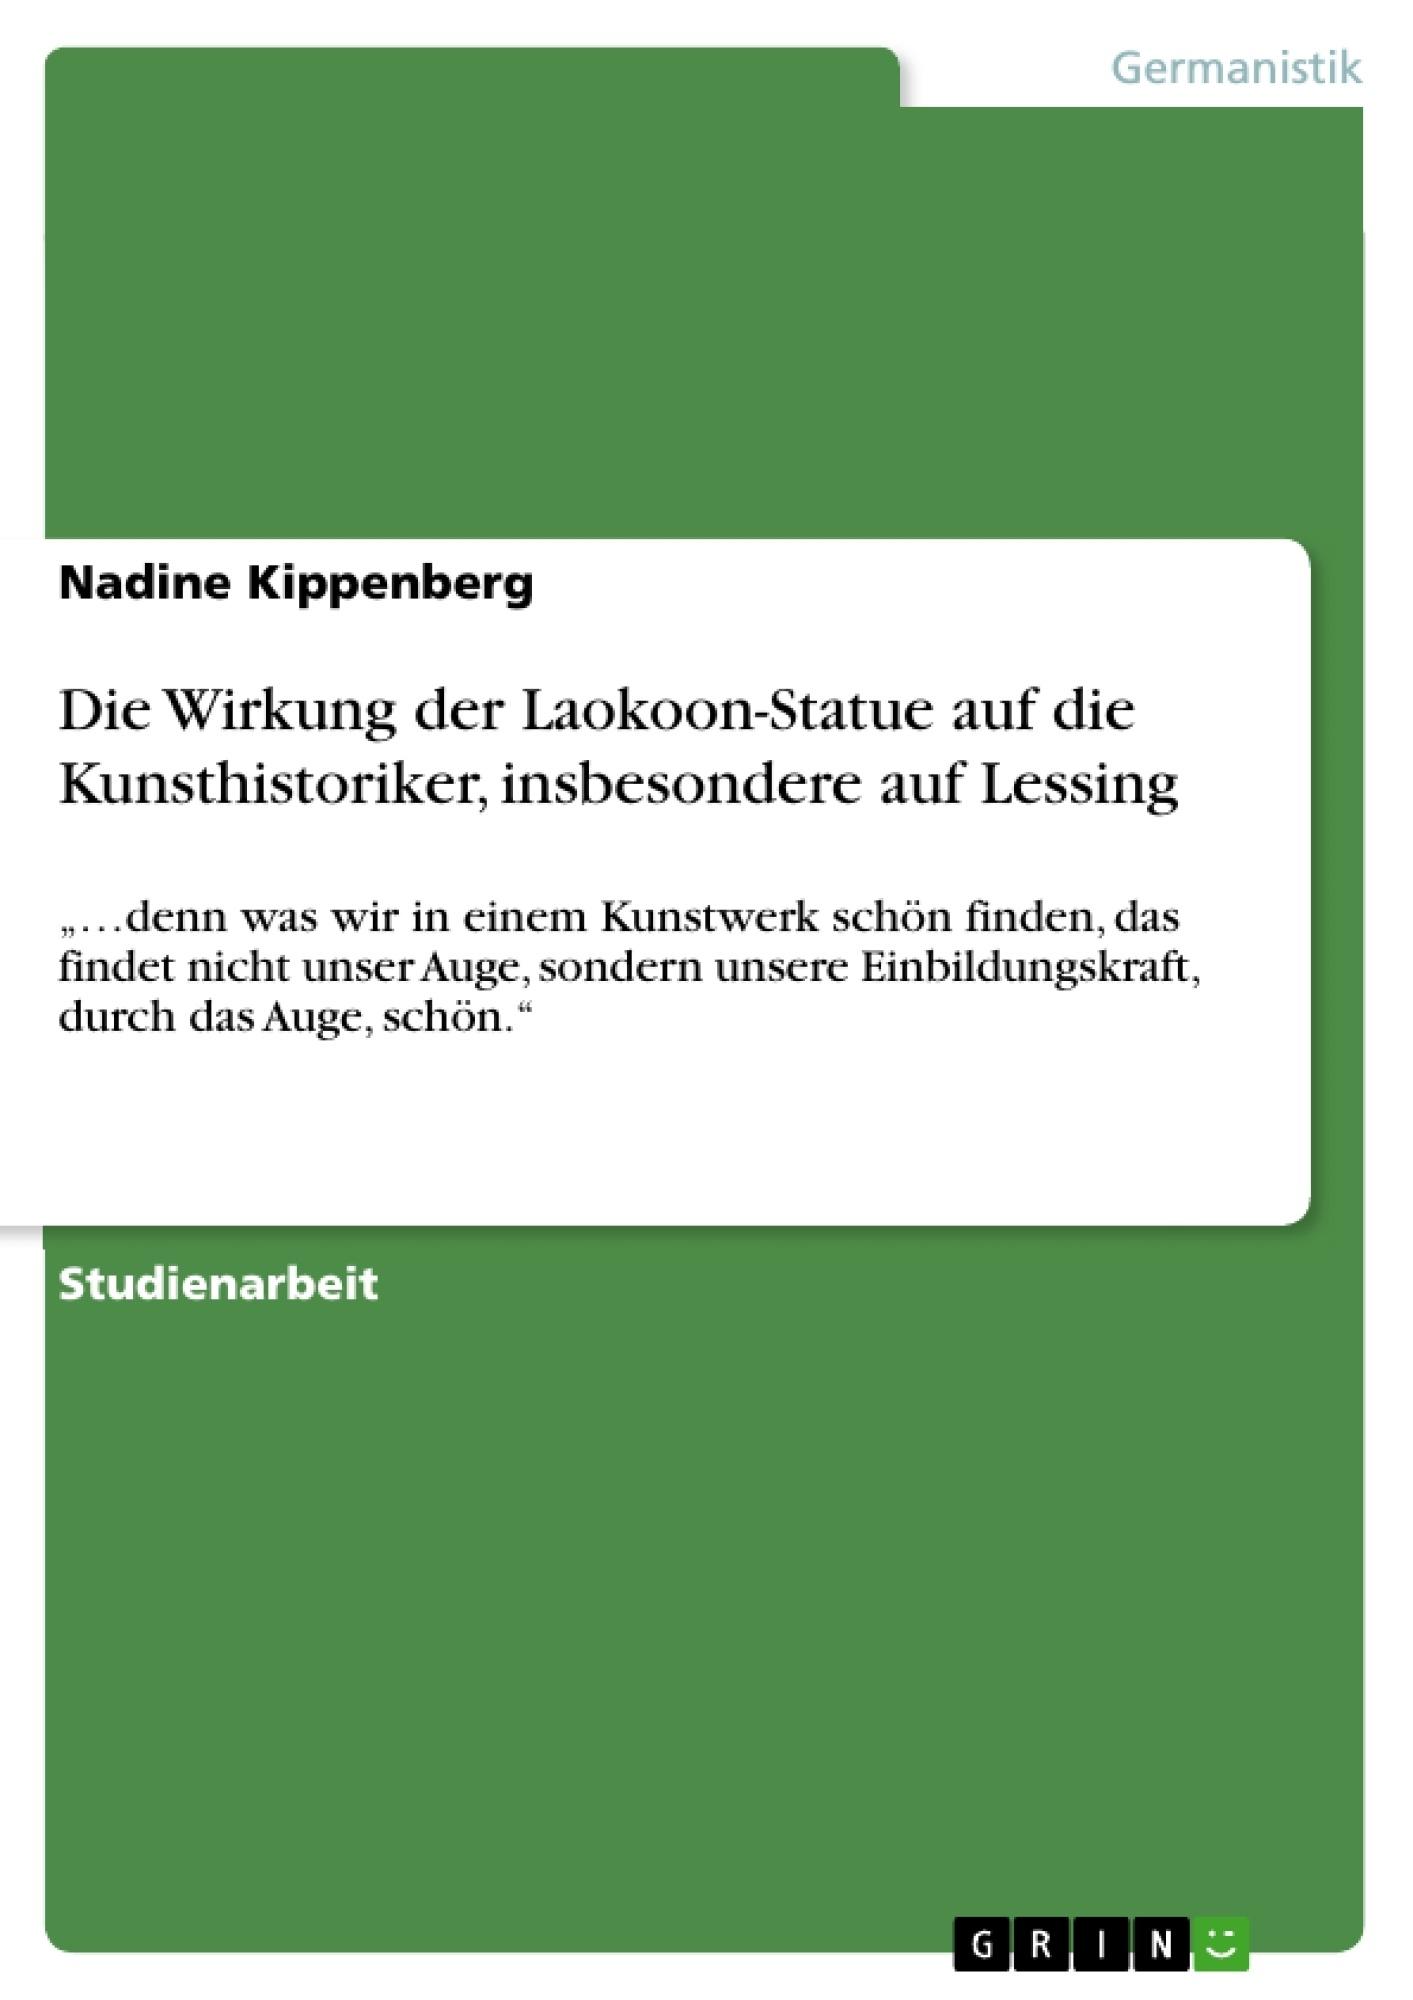 Titel: Die Wirkung der Laokoon-Statue auf die Kunsthistoriker, insbesondere auf Lessing